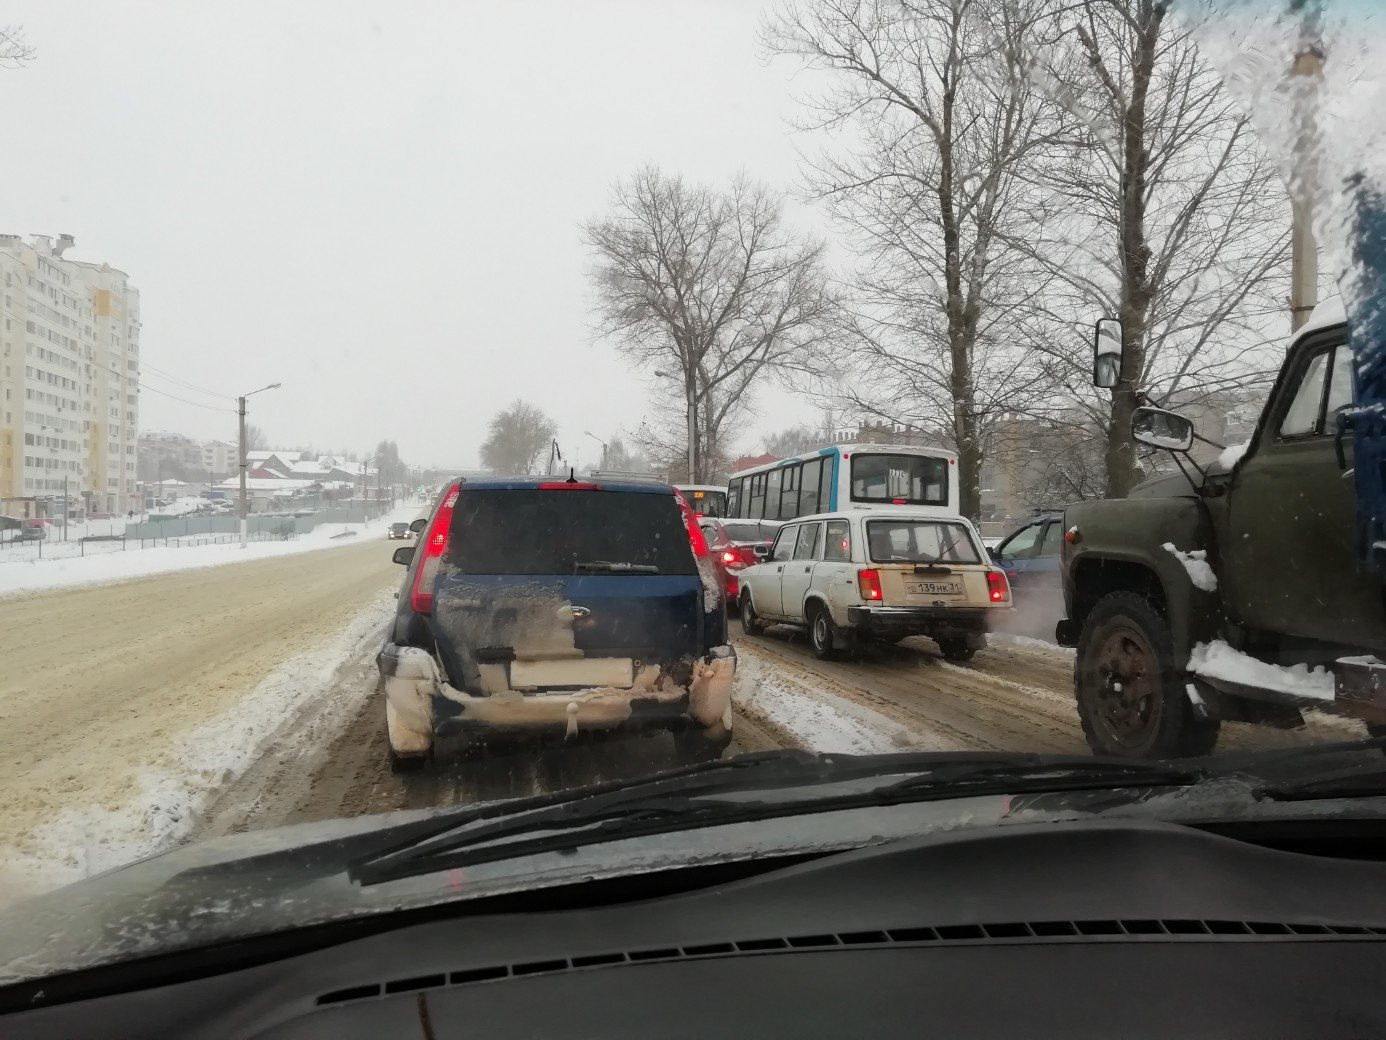 «Зато площадь очищена!» Что говорят белгородцы о дорожных заторах после первого снегопада, фото-2